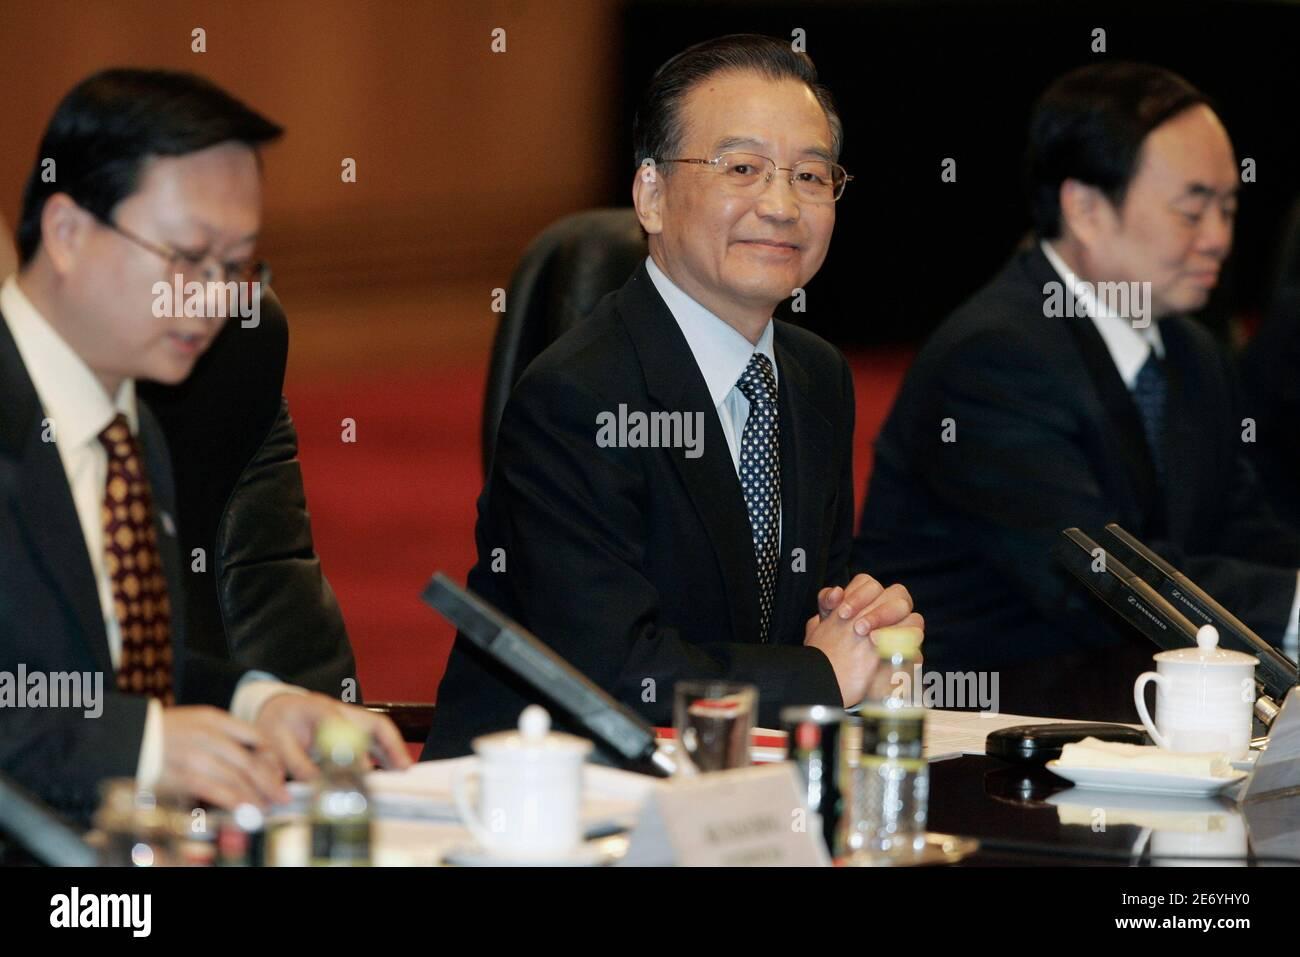 Le Premier ministre chinois Wen Jiabao (C) siège avec des responsables chinois non identifiés lors de discussions avec le Premier ministre portugais José Socrates au Grand Hall du peuple de Beijing, le 31 janvier 2007. REUTERS/Michael Reynolds/Pool (CHINE) Banque D'Images